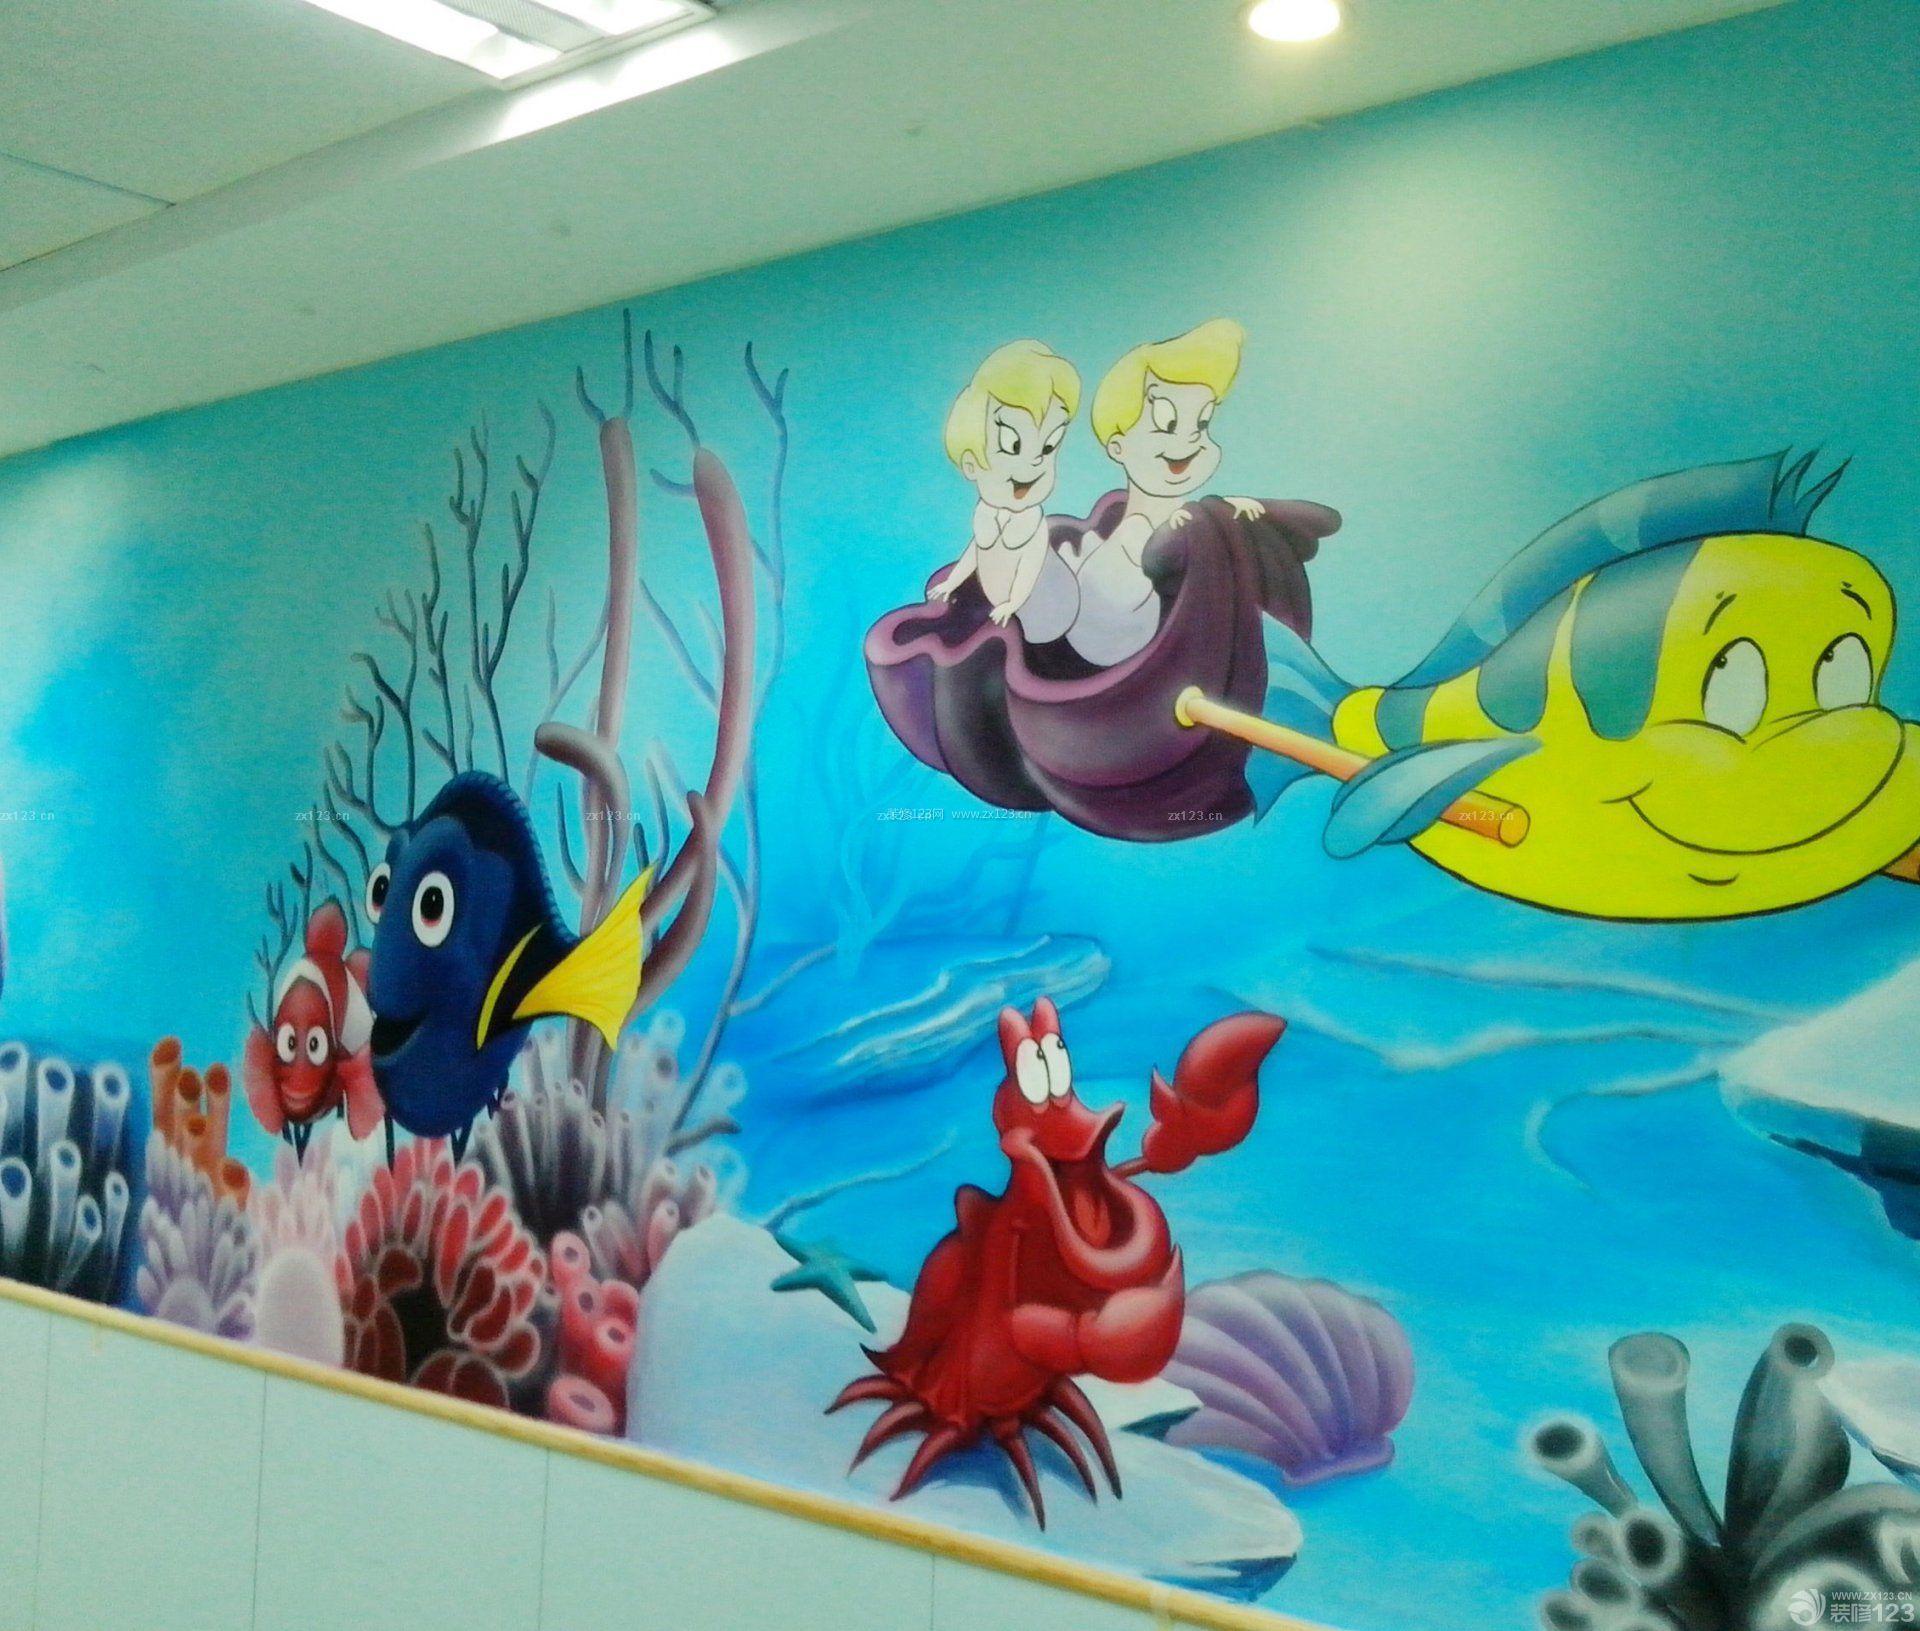 幼儿园室内手绘墙壁画设计效果图图片